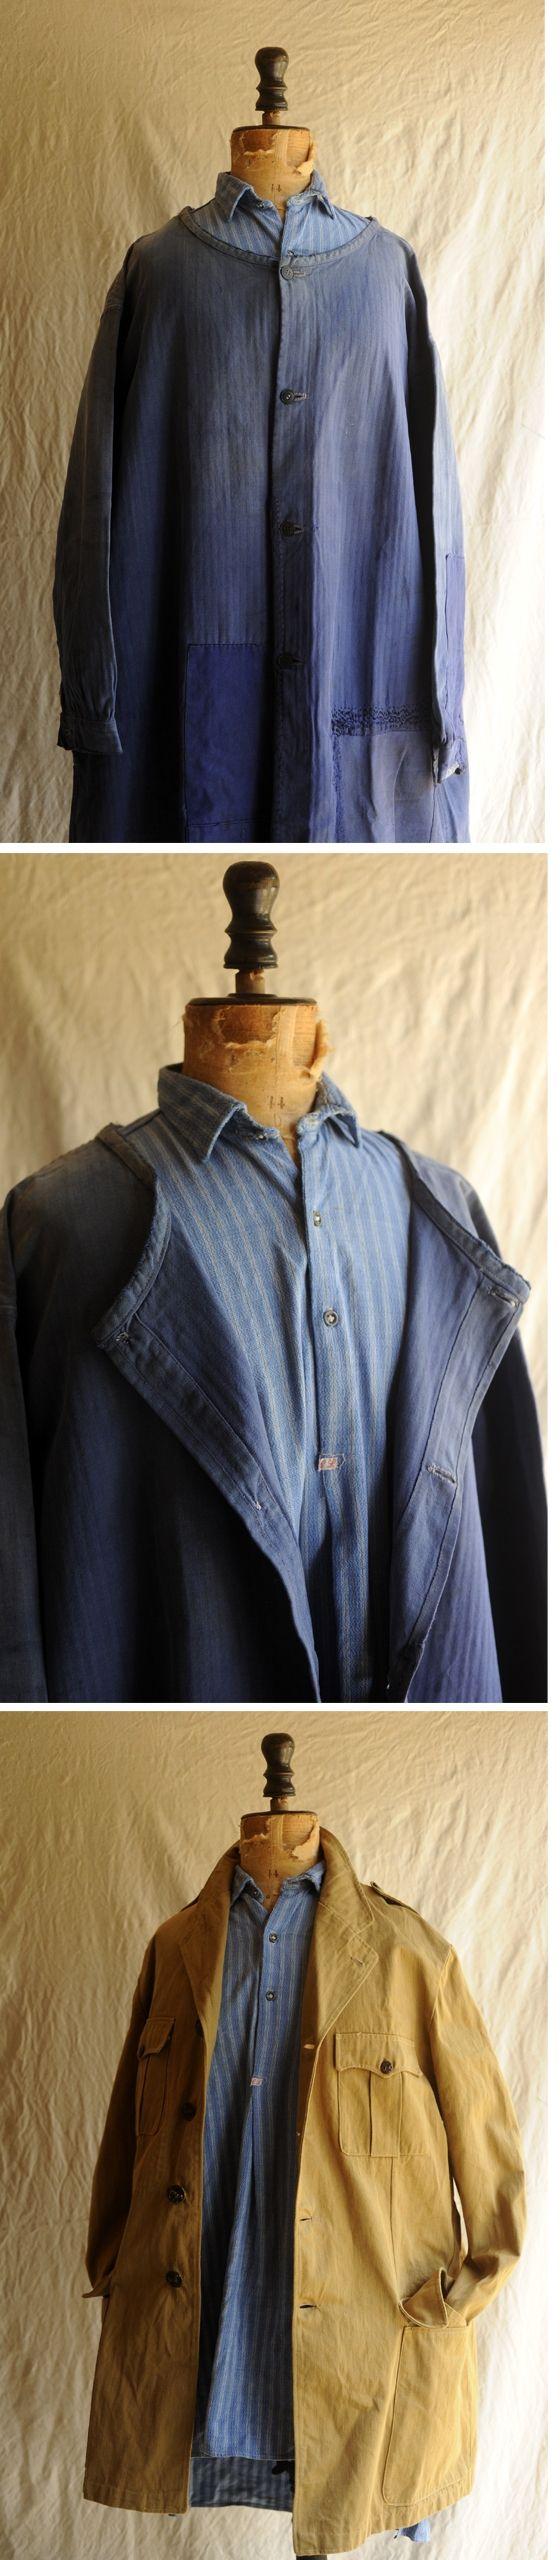 xvpbvx     20's~30's フランス、ストライプワークシャツです。 ブルーベースにパープルライン、ヘリンボーンの様な柄も入る美しい織り柄コットン地、 形の良い襟、グレーの小さく厚いガラスボタン、イニシャル刺繍タグ、 背中微妙に違う柄の大きなパッチワークも面白いです。 綺麗な形で着こなしやすい良い品、なかなか見つからない物ですのでこの機会に如何でしょうか。 SIZE 肩幅 45cm 袖丈 55cm 身幅 58cm 着丈 後ろ91cm 前81cm 衣類ですので素材の特性や厚み、カッティング等、実